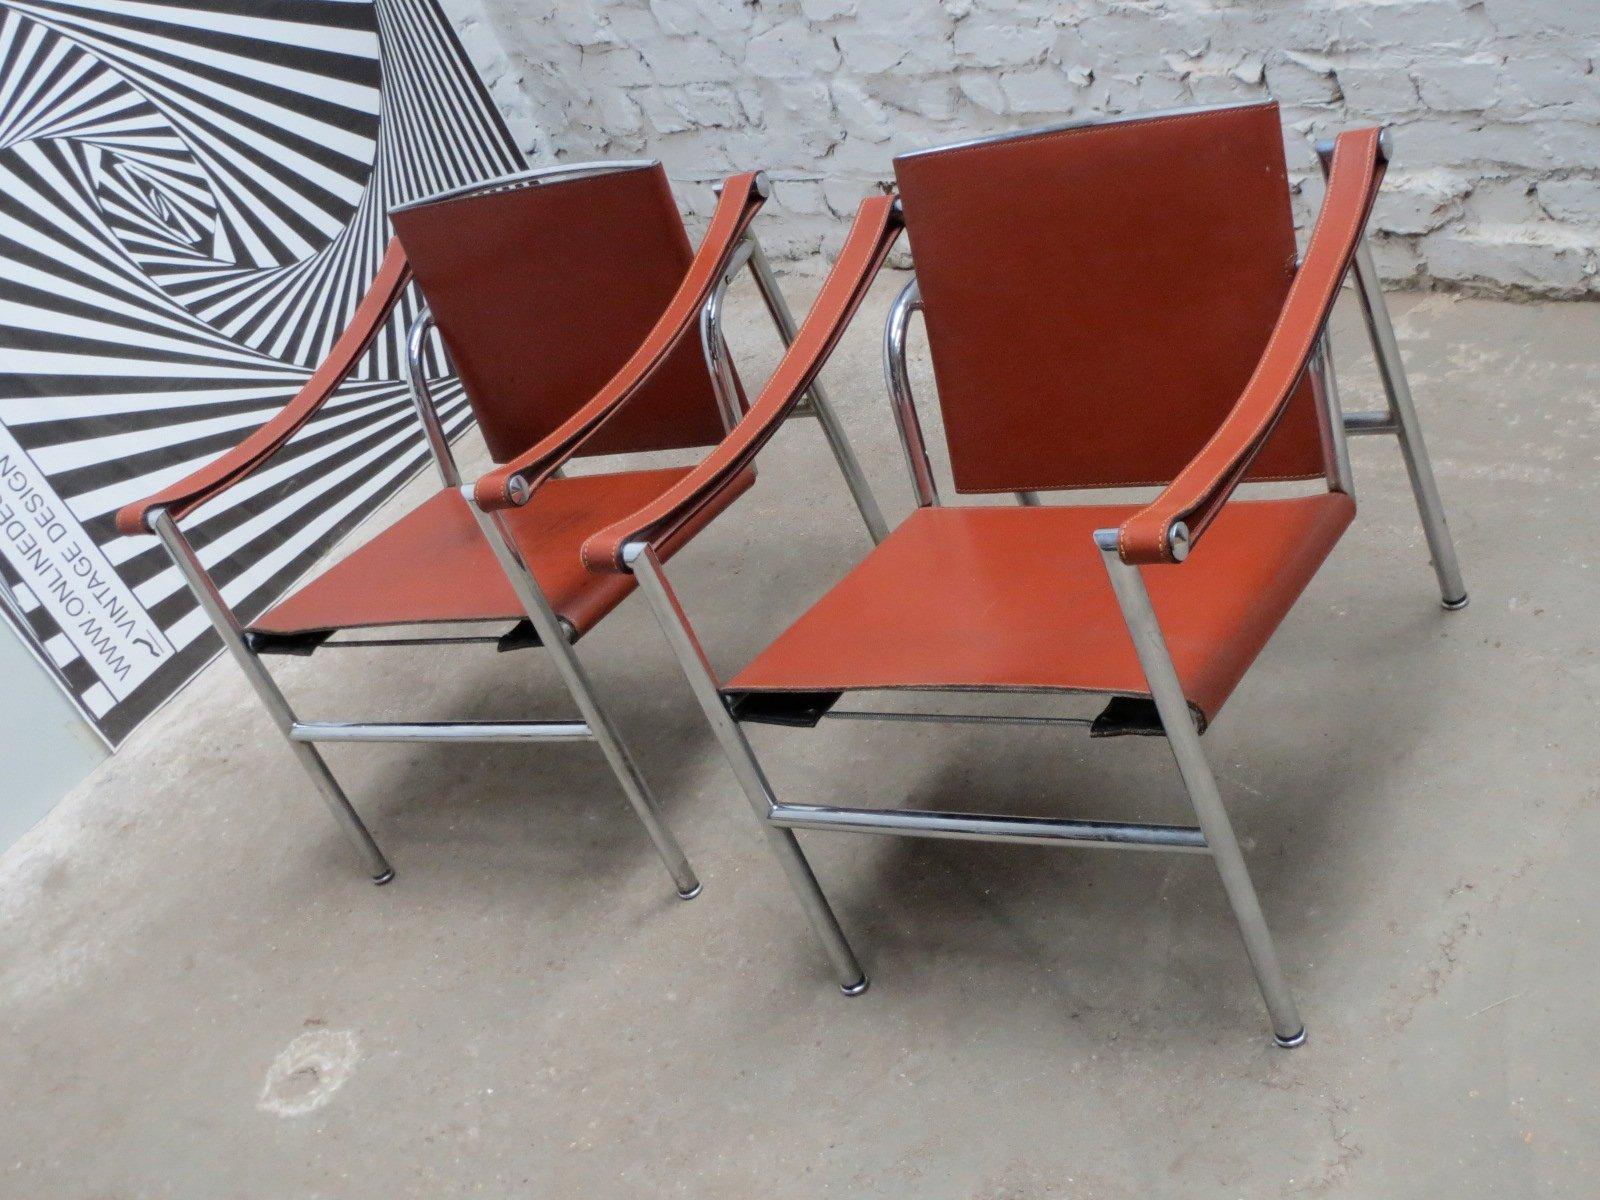 Sedia lc1 modernista basculante di le corbusier pierre jeanneret e charlotte perriand per - Le corbusier sedia ...